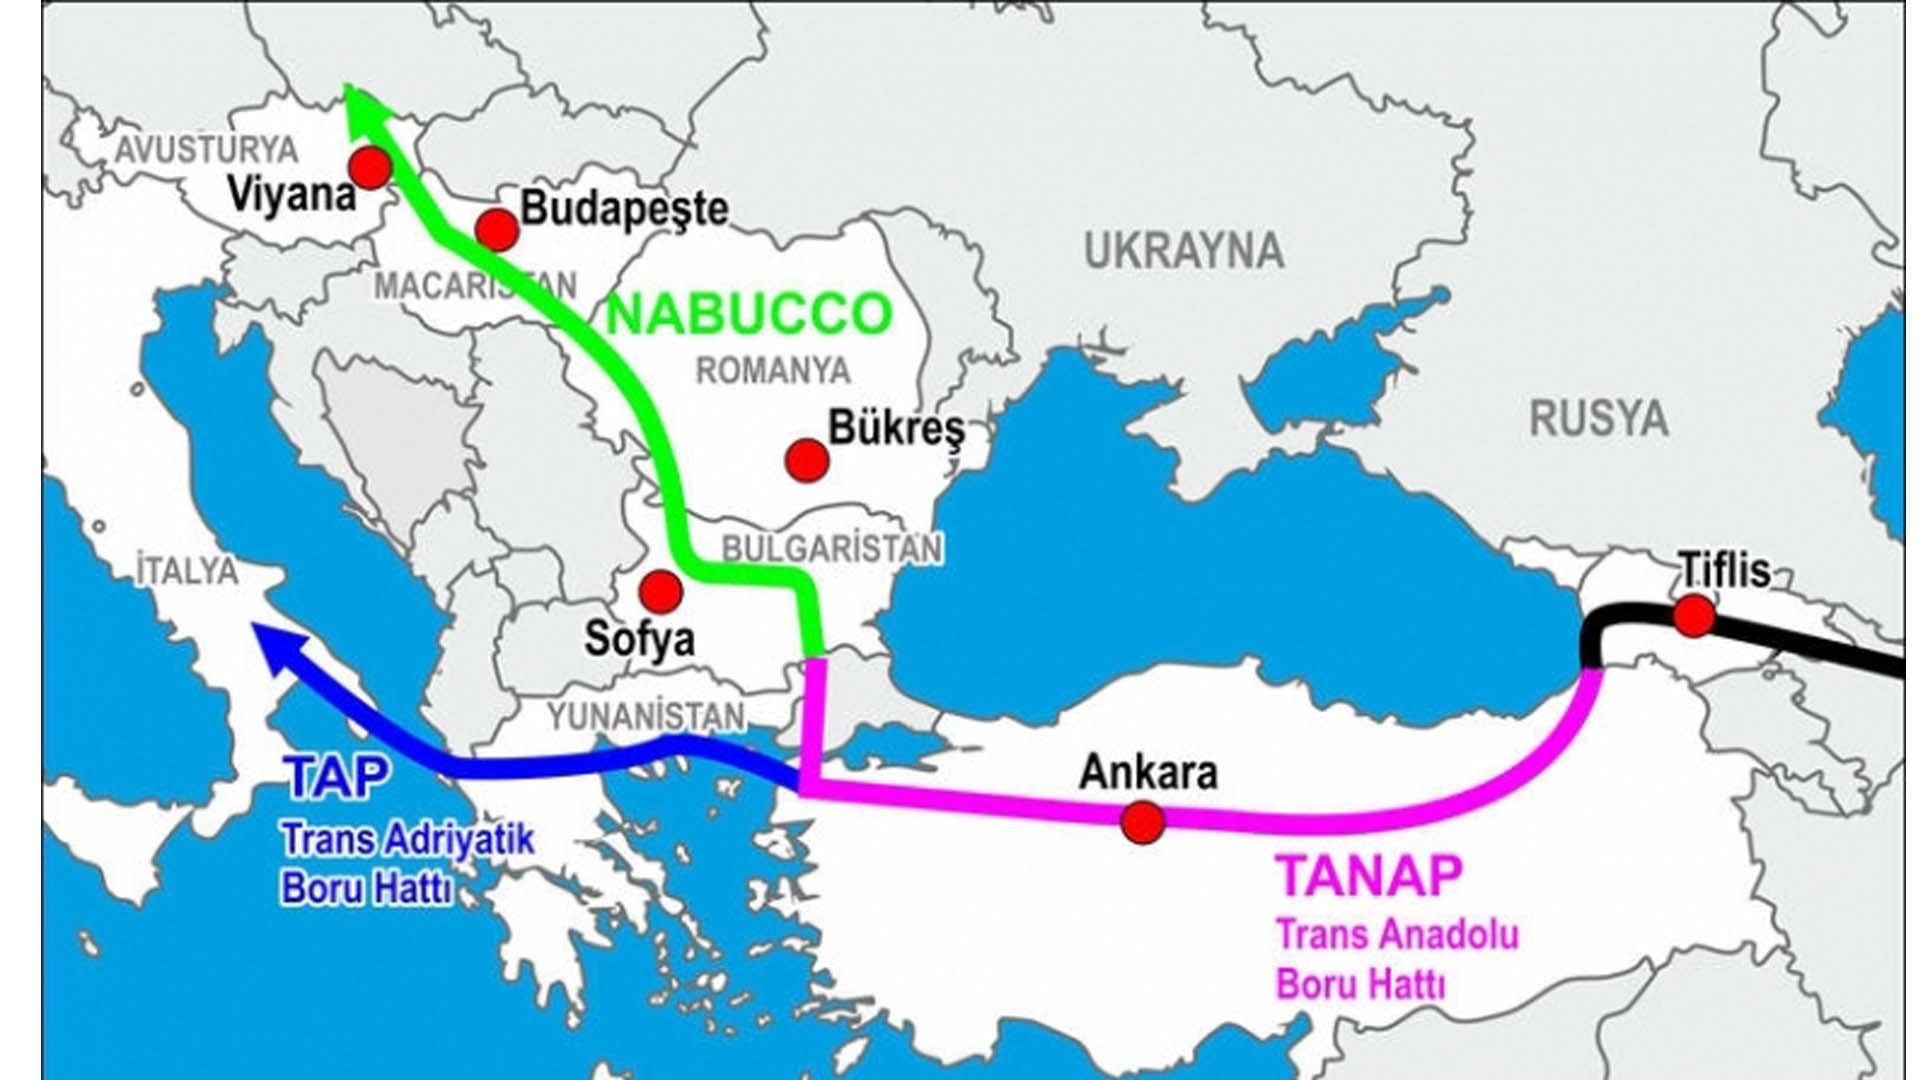 Yunanıstan TAP sayəsində enerji qovşağına çevriləcək